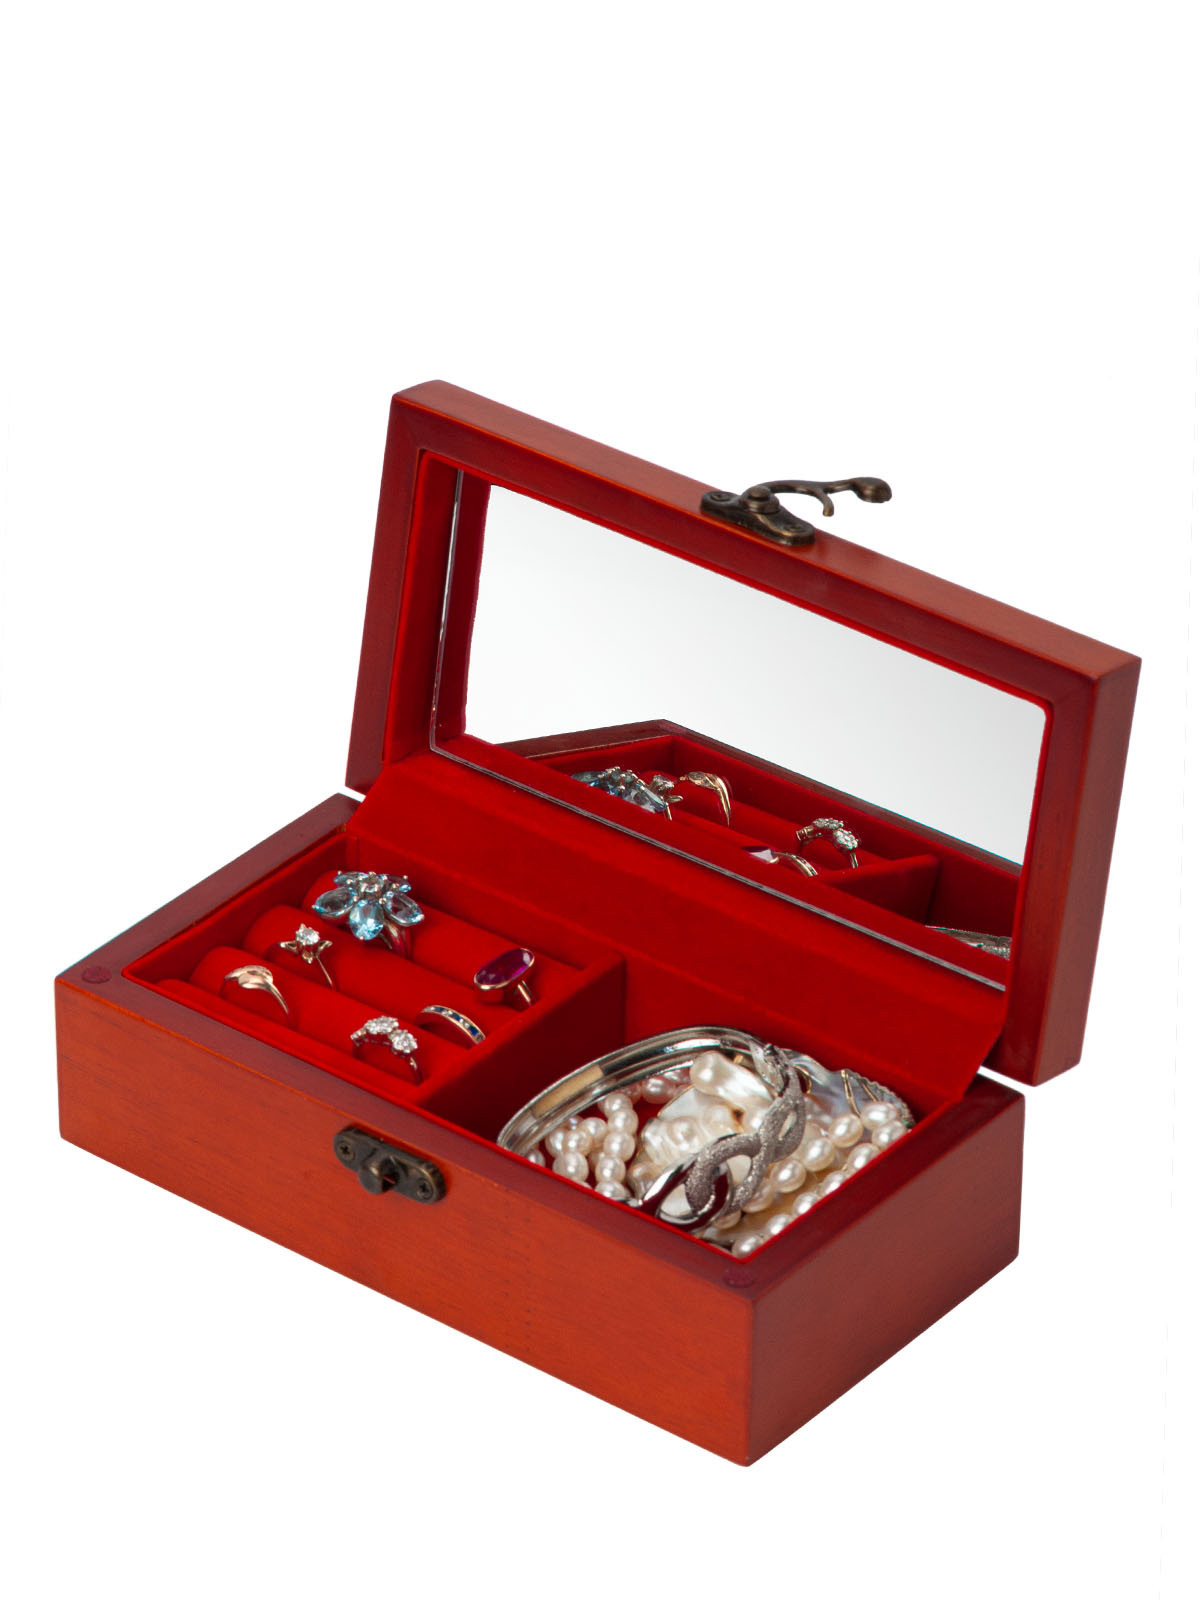 Деревянная шкатулка для украшений и мелких предметов S-671A